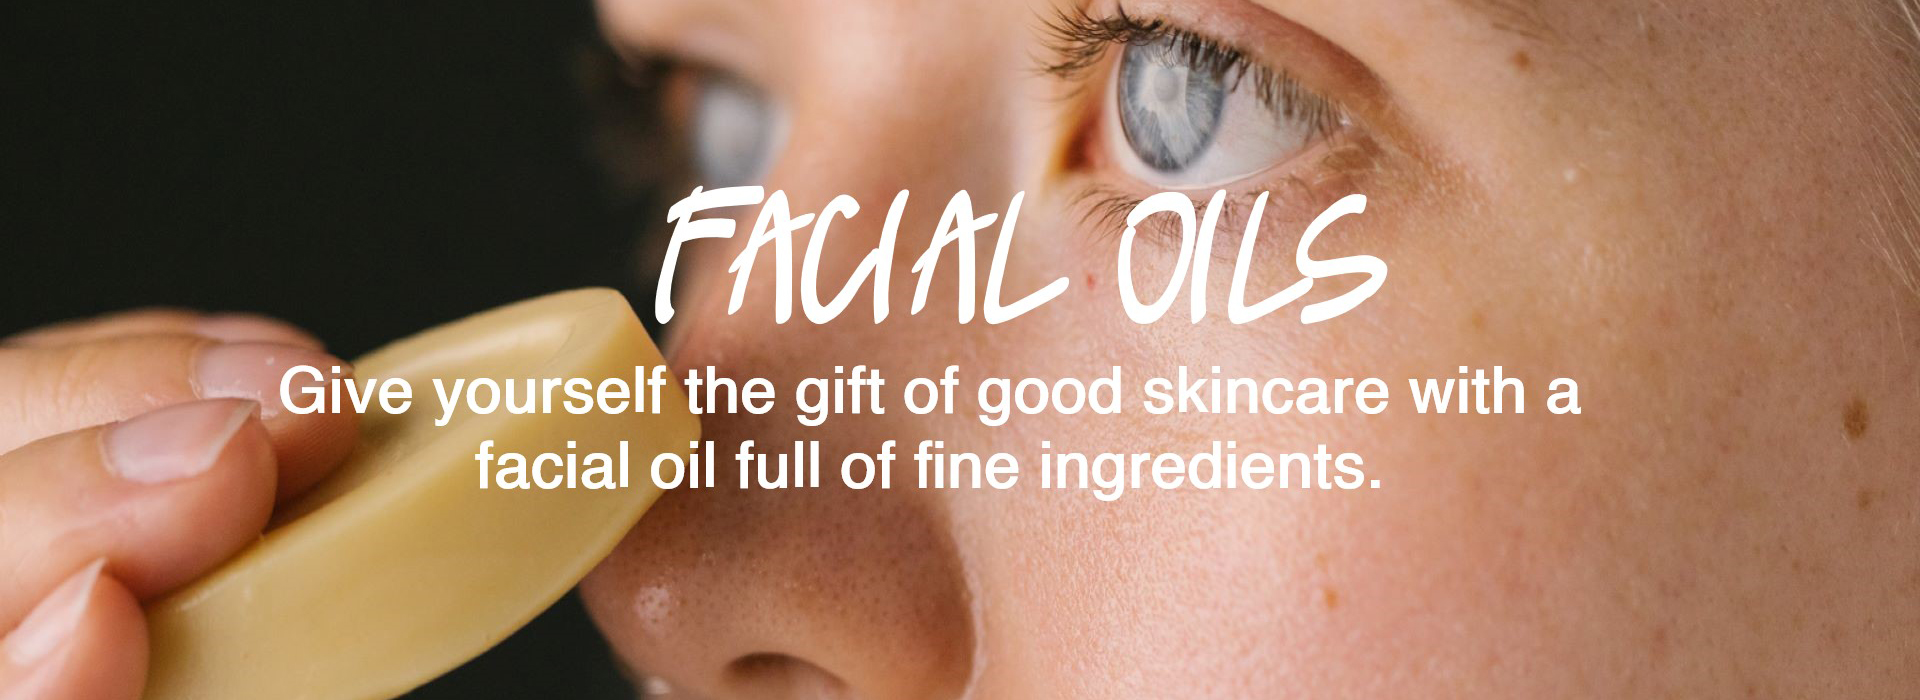 Facial Oils